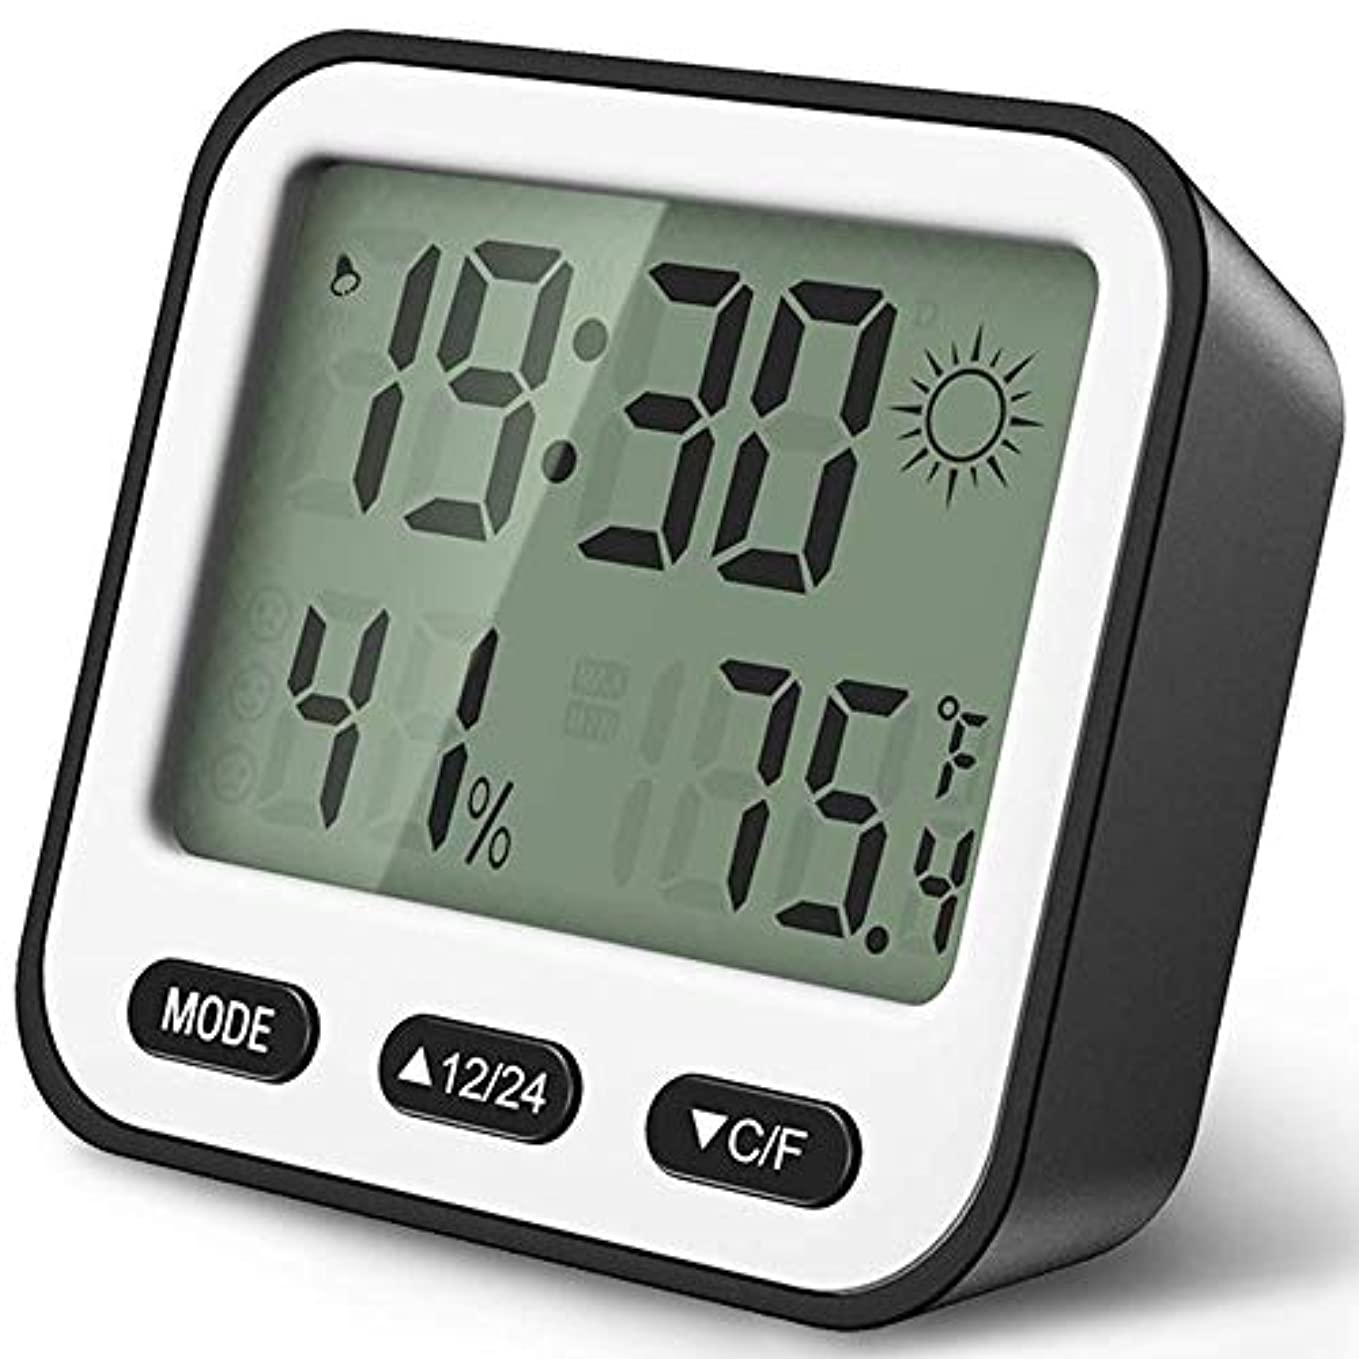 陰謀幻想アニメーションRETYLY 寝室用の小さな目覚まし時計、デジタル時計 液晶デスククロックガールズキッズ目覚まし時計 電池式 天気/温度/湿度ベッド目覚まし時計オフィスのための壁旅行目覚まし時計